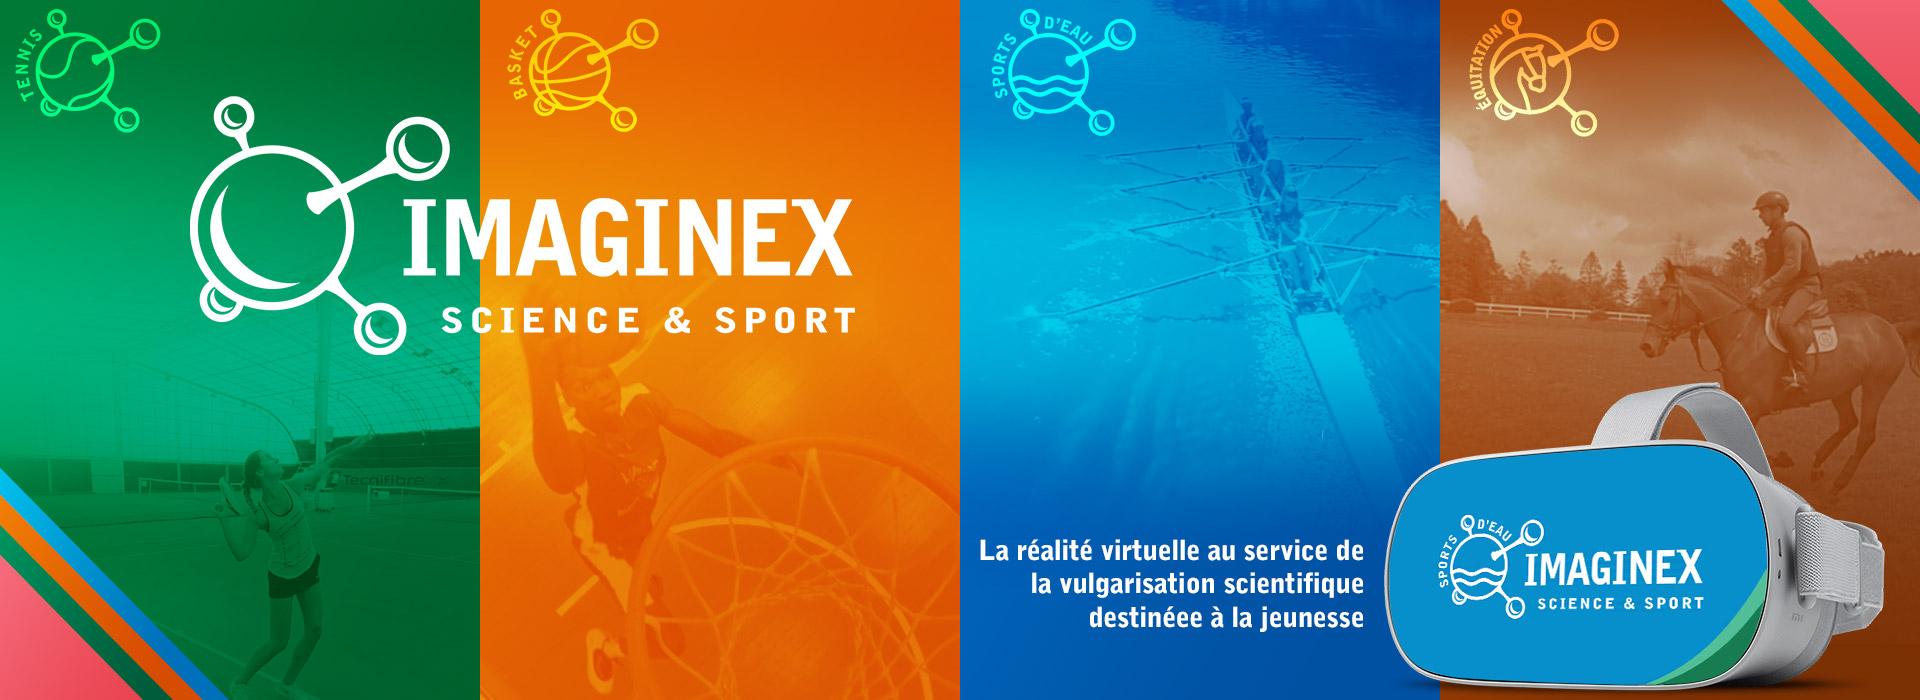 Réalité virtuelle pédagogique Imaginex sciences et sport